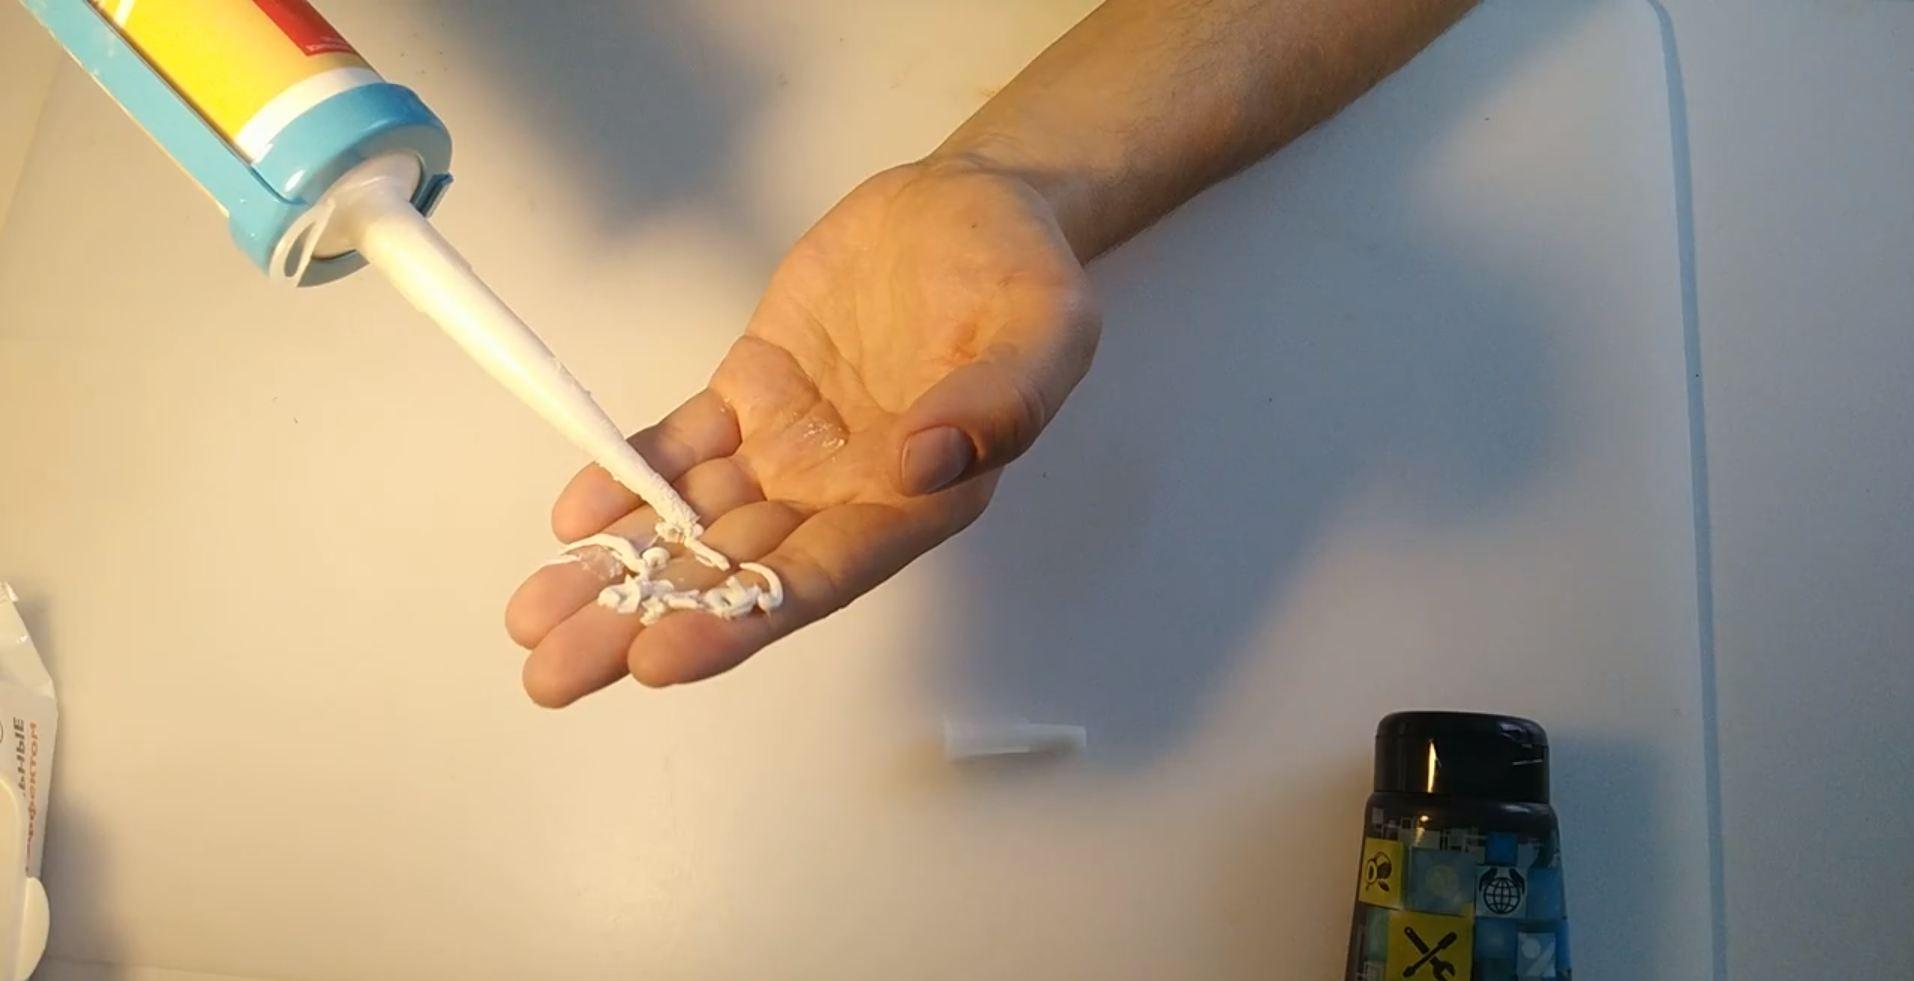 как удалить силиконовый герметик с рук